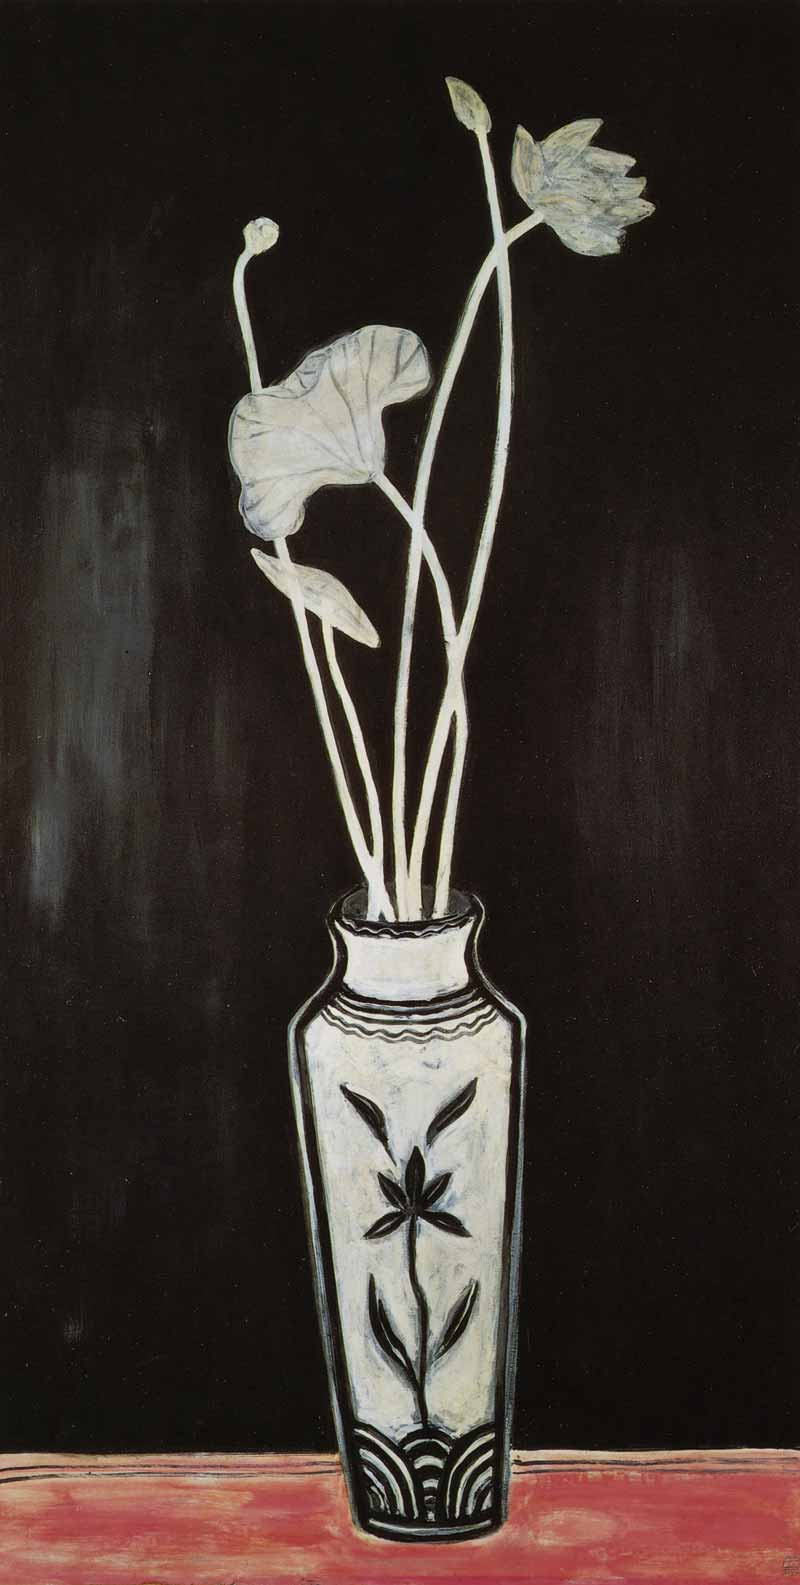 《磁州窑瓶内的白莲》